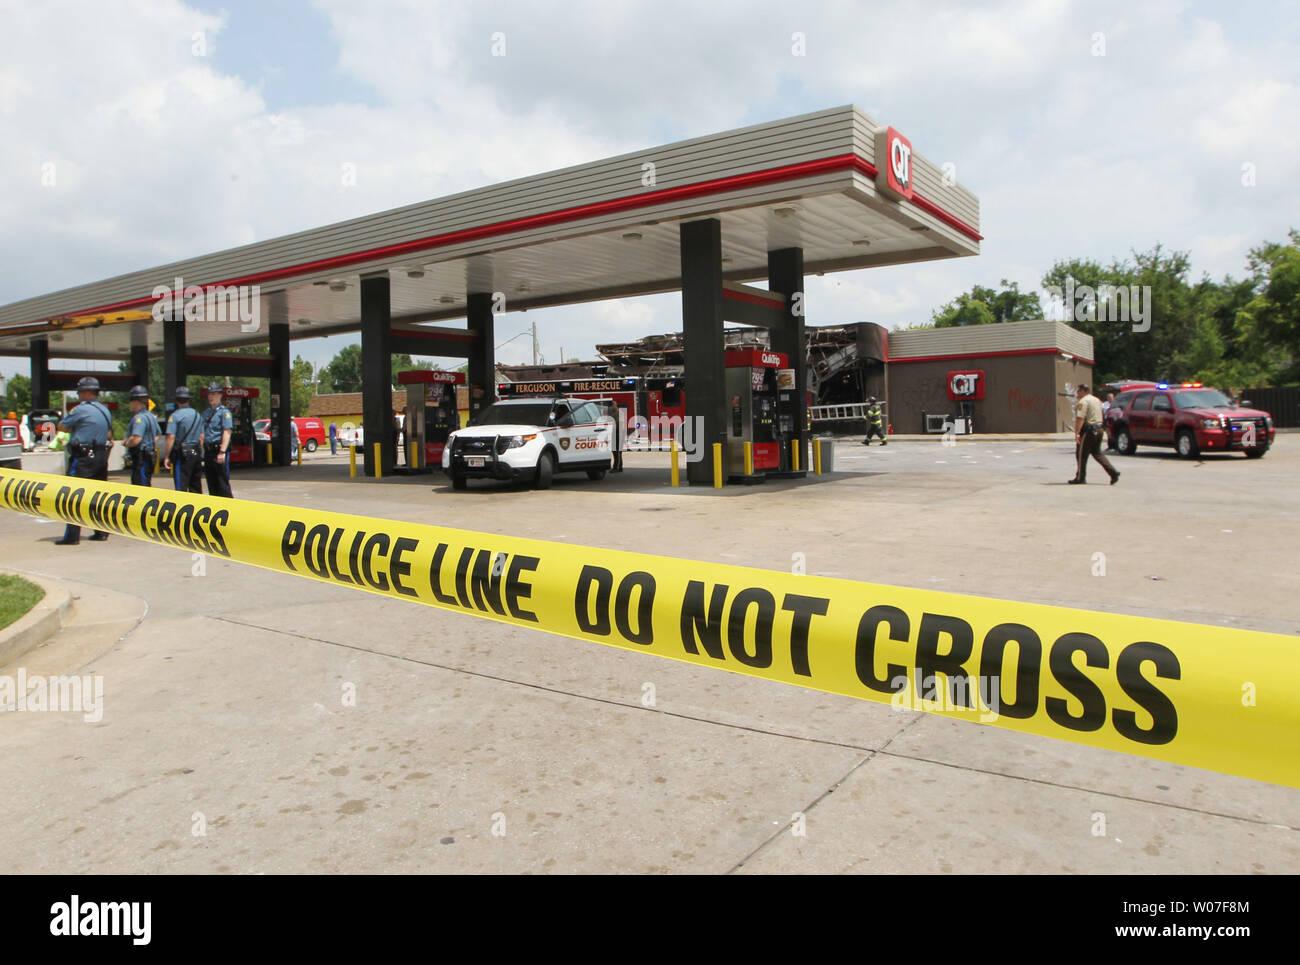 Les pompiers et la police restent sur la scène de l'Burnt Out QuikTrip station d'essence à la suite d'une nuit de pillages, d'émeutes et d'incendies dans la région de Ferguson, Missouri le 11 août 2014. Les gens sont mécontents en raison de la Ferguson la police tirer et la mort d'un adolescent noir non armé Michael Brown le 9 août 2014. En tout sur les 20 entreprises a subi des dommages après une veillée aux chandelles ont tourné à la violence. UPI/Bill Greenblatt Banque D'Images